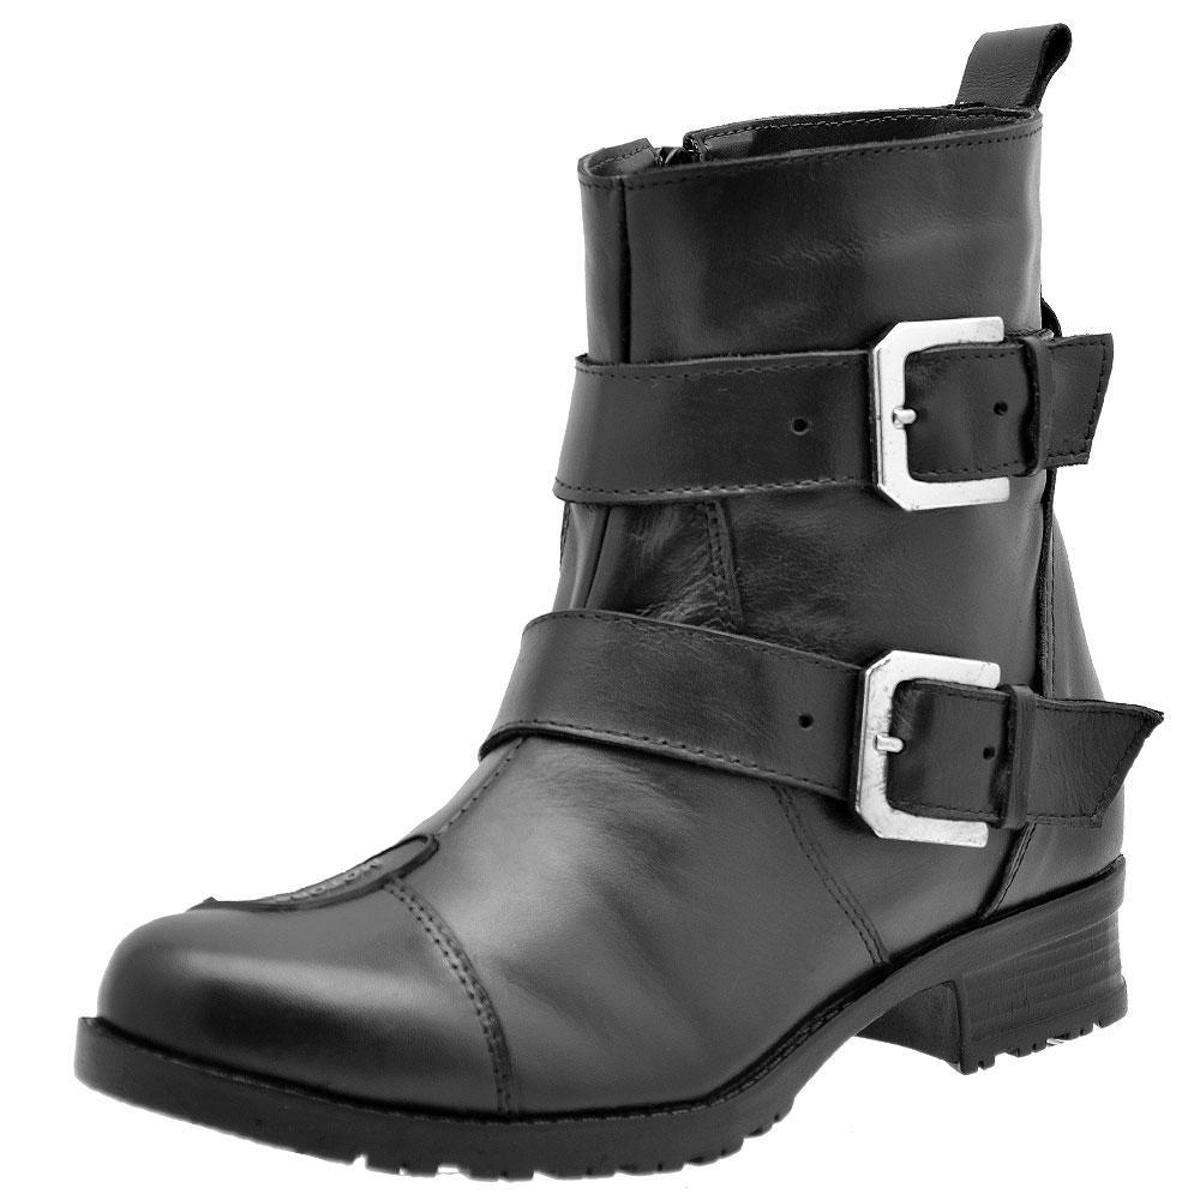 Bota Motociclista Shoes Bota Motociclista Preto Feminina Atron Atron Hz5q1n7wt